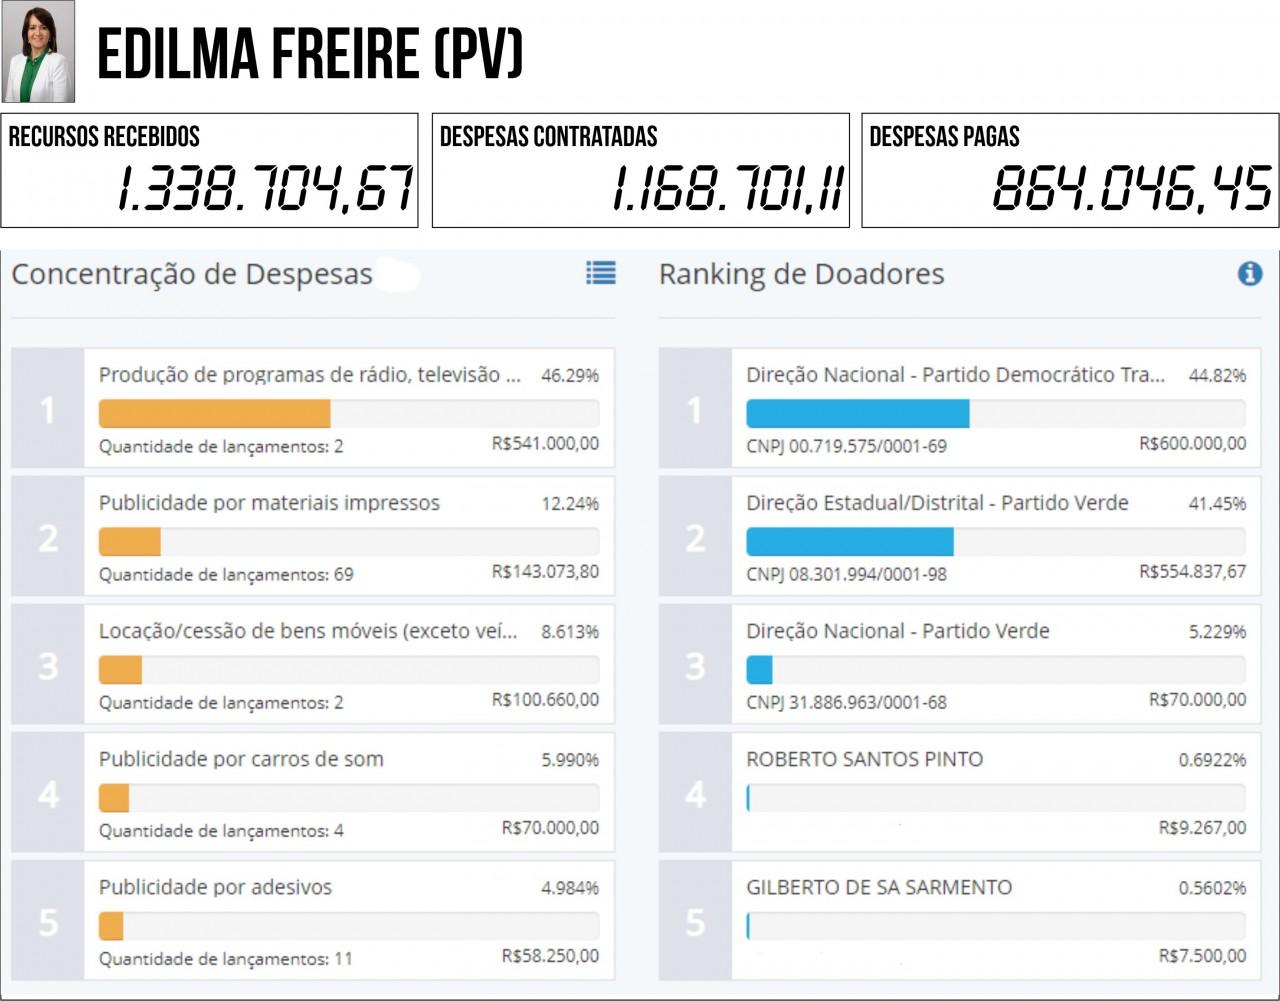 EDILMA FREIRE PV - 2ª PRESTAÇÃO DE CONTAS: Seis candidatos à PMJP gastaram mais do que arrecadaram - VEJA QUEM SÃO